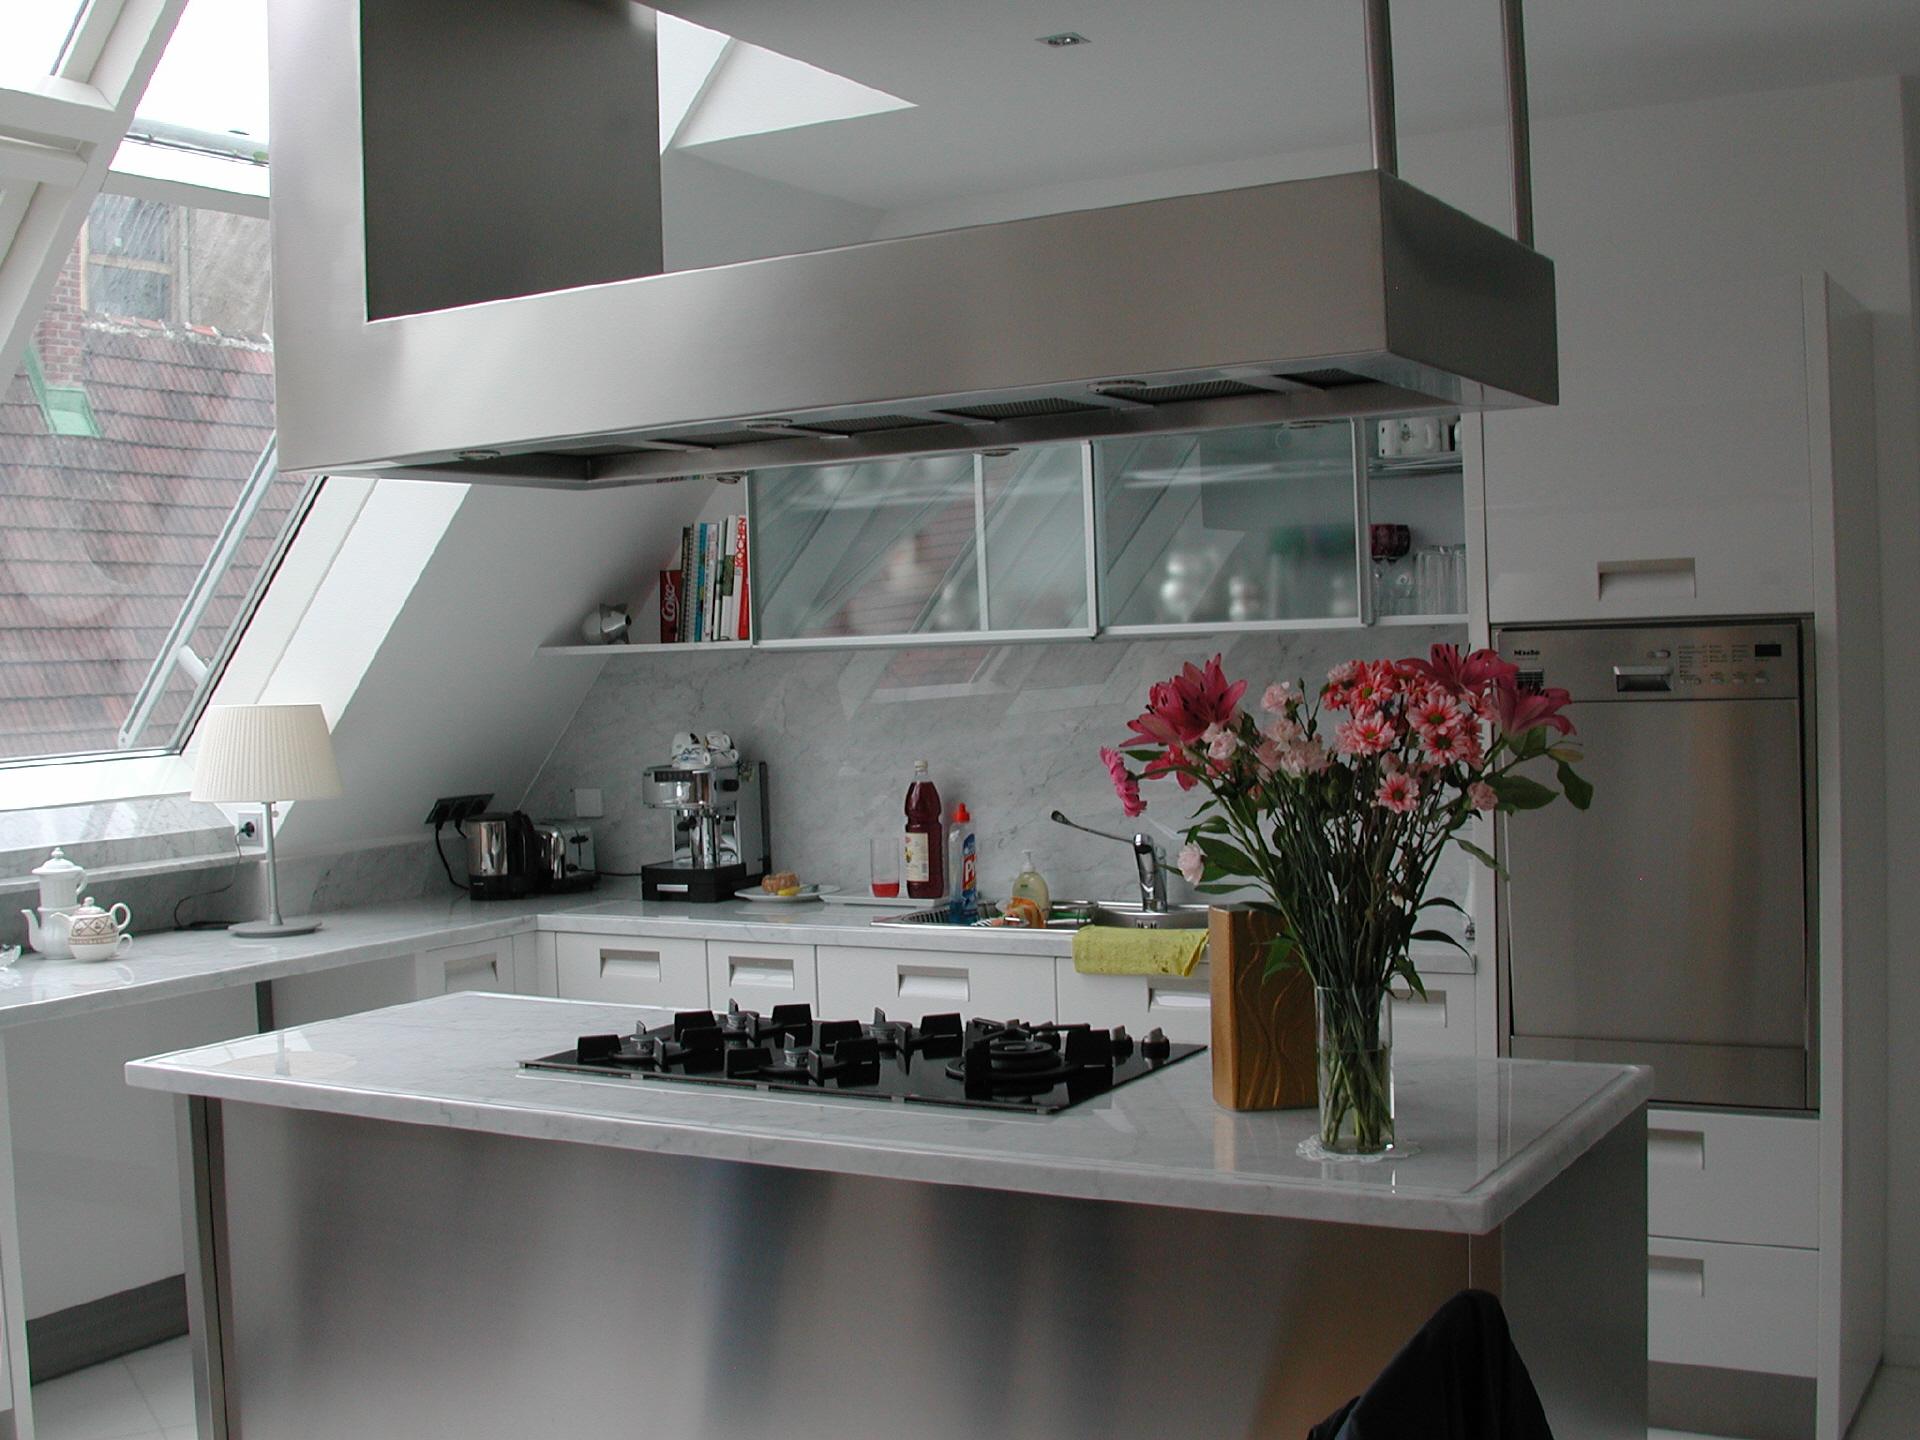 edelstahl k chen. Black Bedroom Furniture Sets. Home Design Ideas